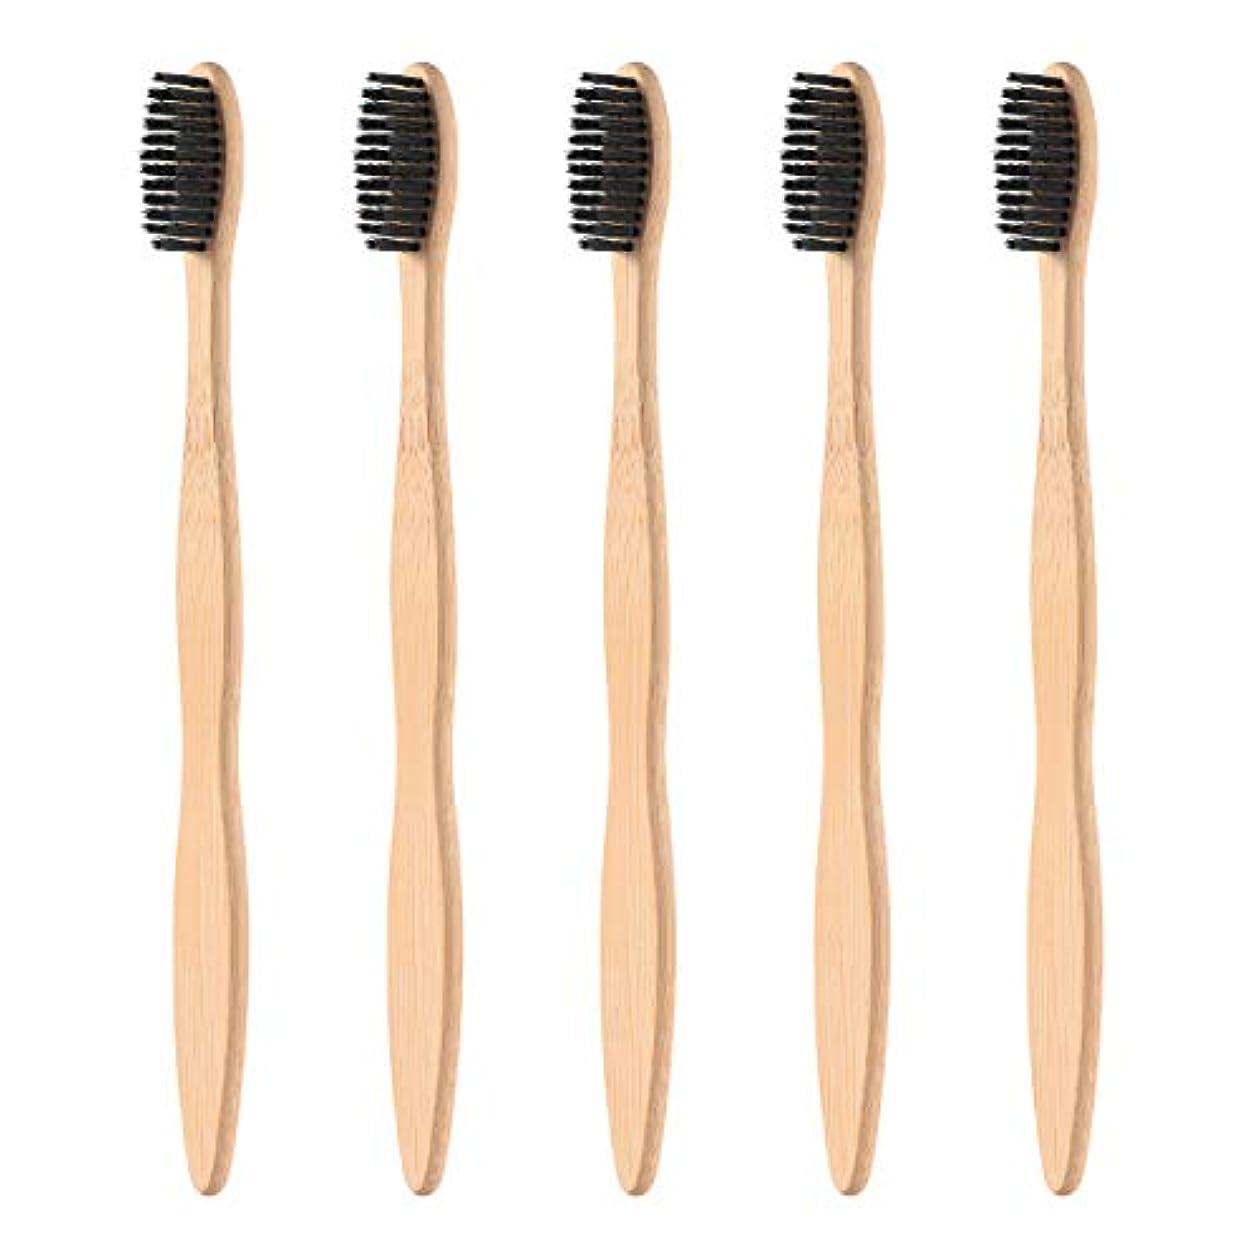 ジョットディボンドンフィード追跡Healifty タケ環境的に歯ブラシ5pcsは柔らかい黒い剛毛が付いている自然な木のEcoの友好的な歯ブラシを扱います